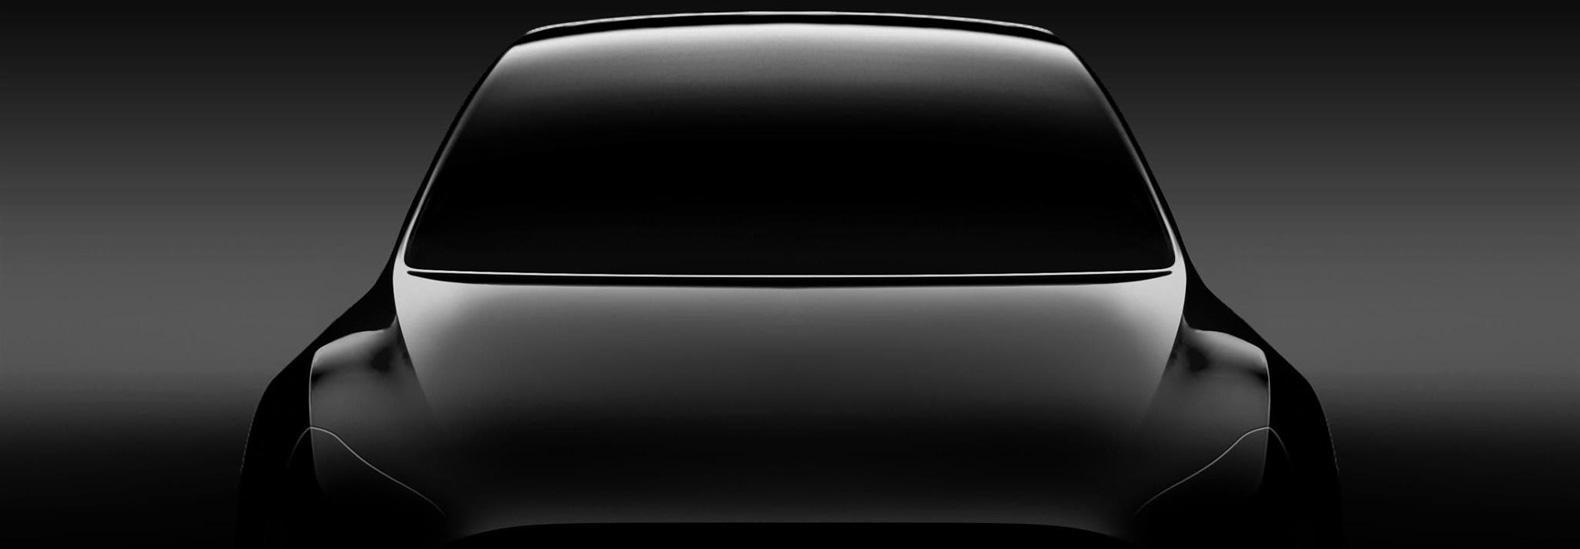 Diseño del Tesla Model Y